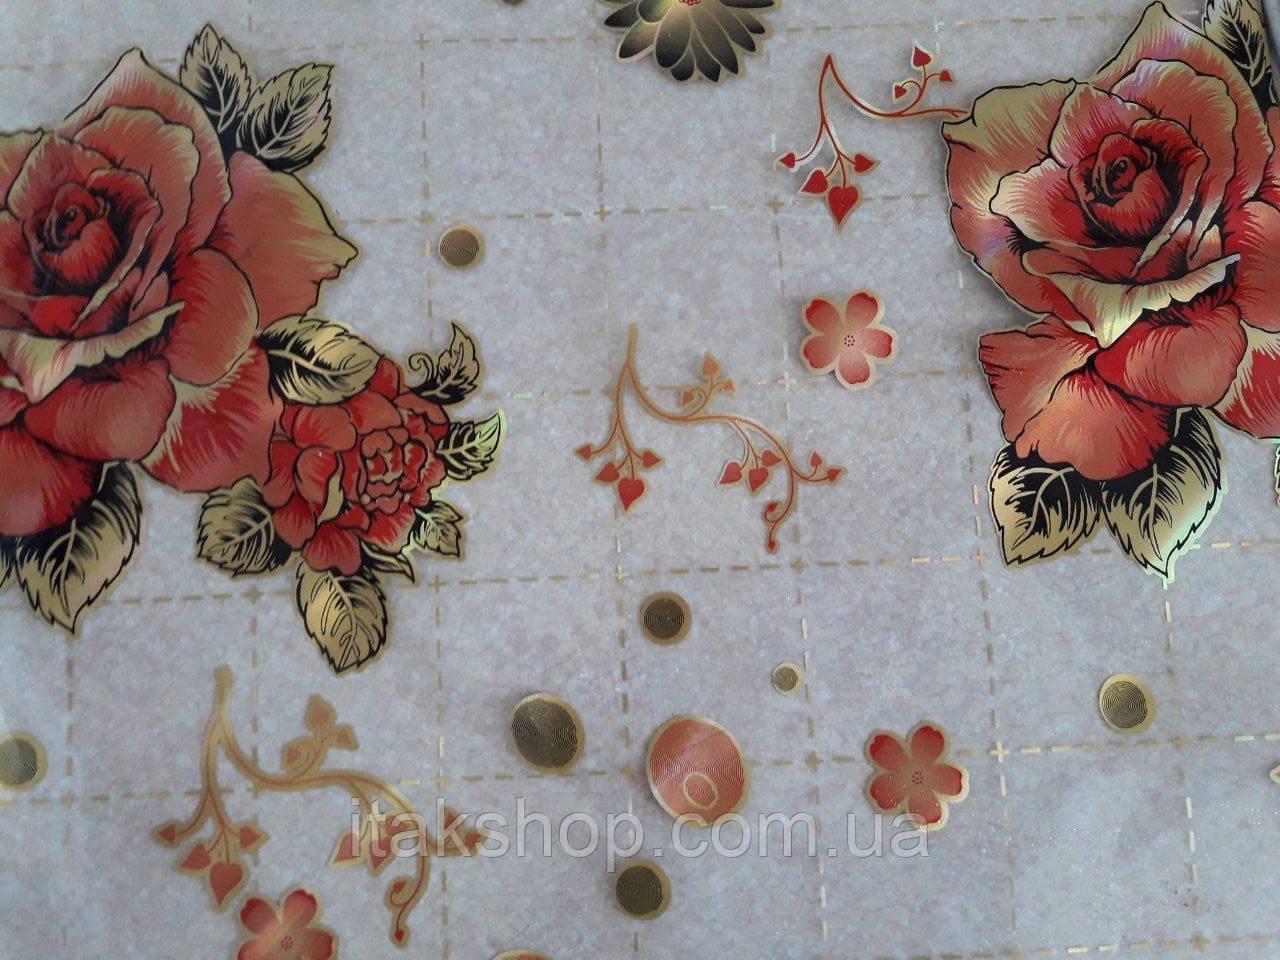 Мягкое стекло Скатерть с лазерным рисунком для мебели Soft Glass 2.3х0.8м толщина 1.5мм Красная роза